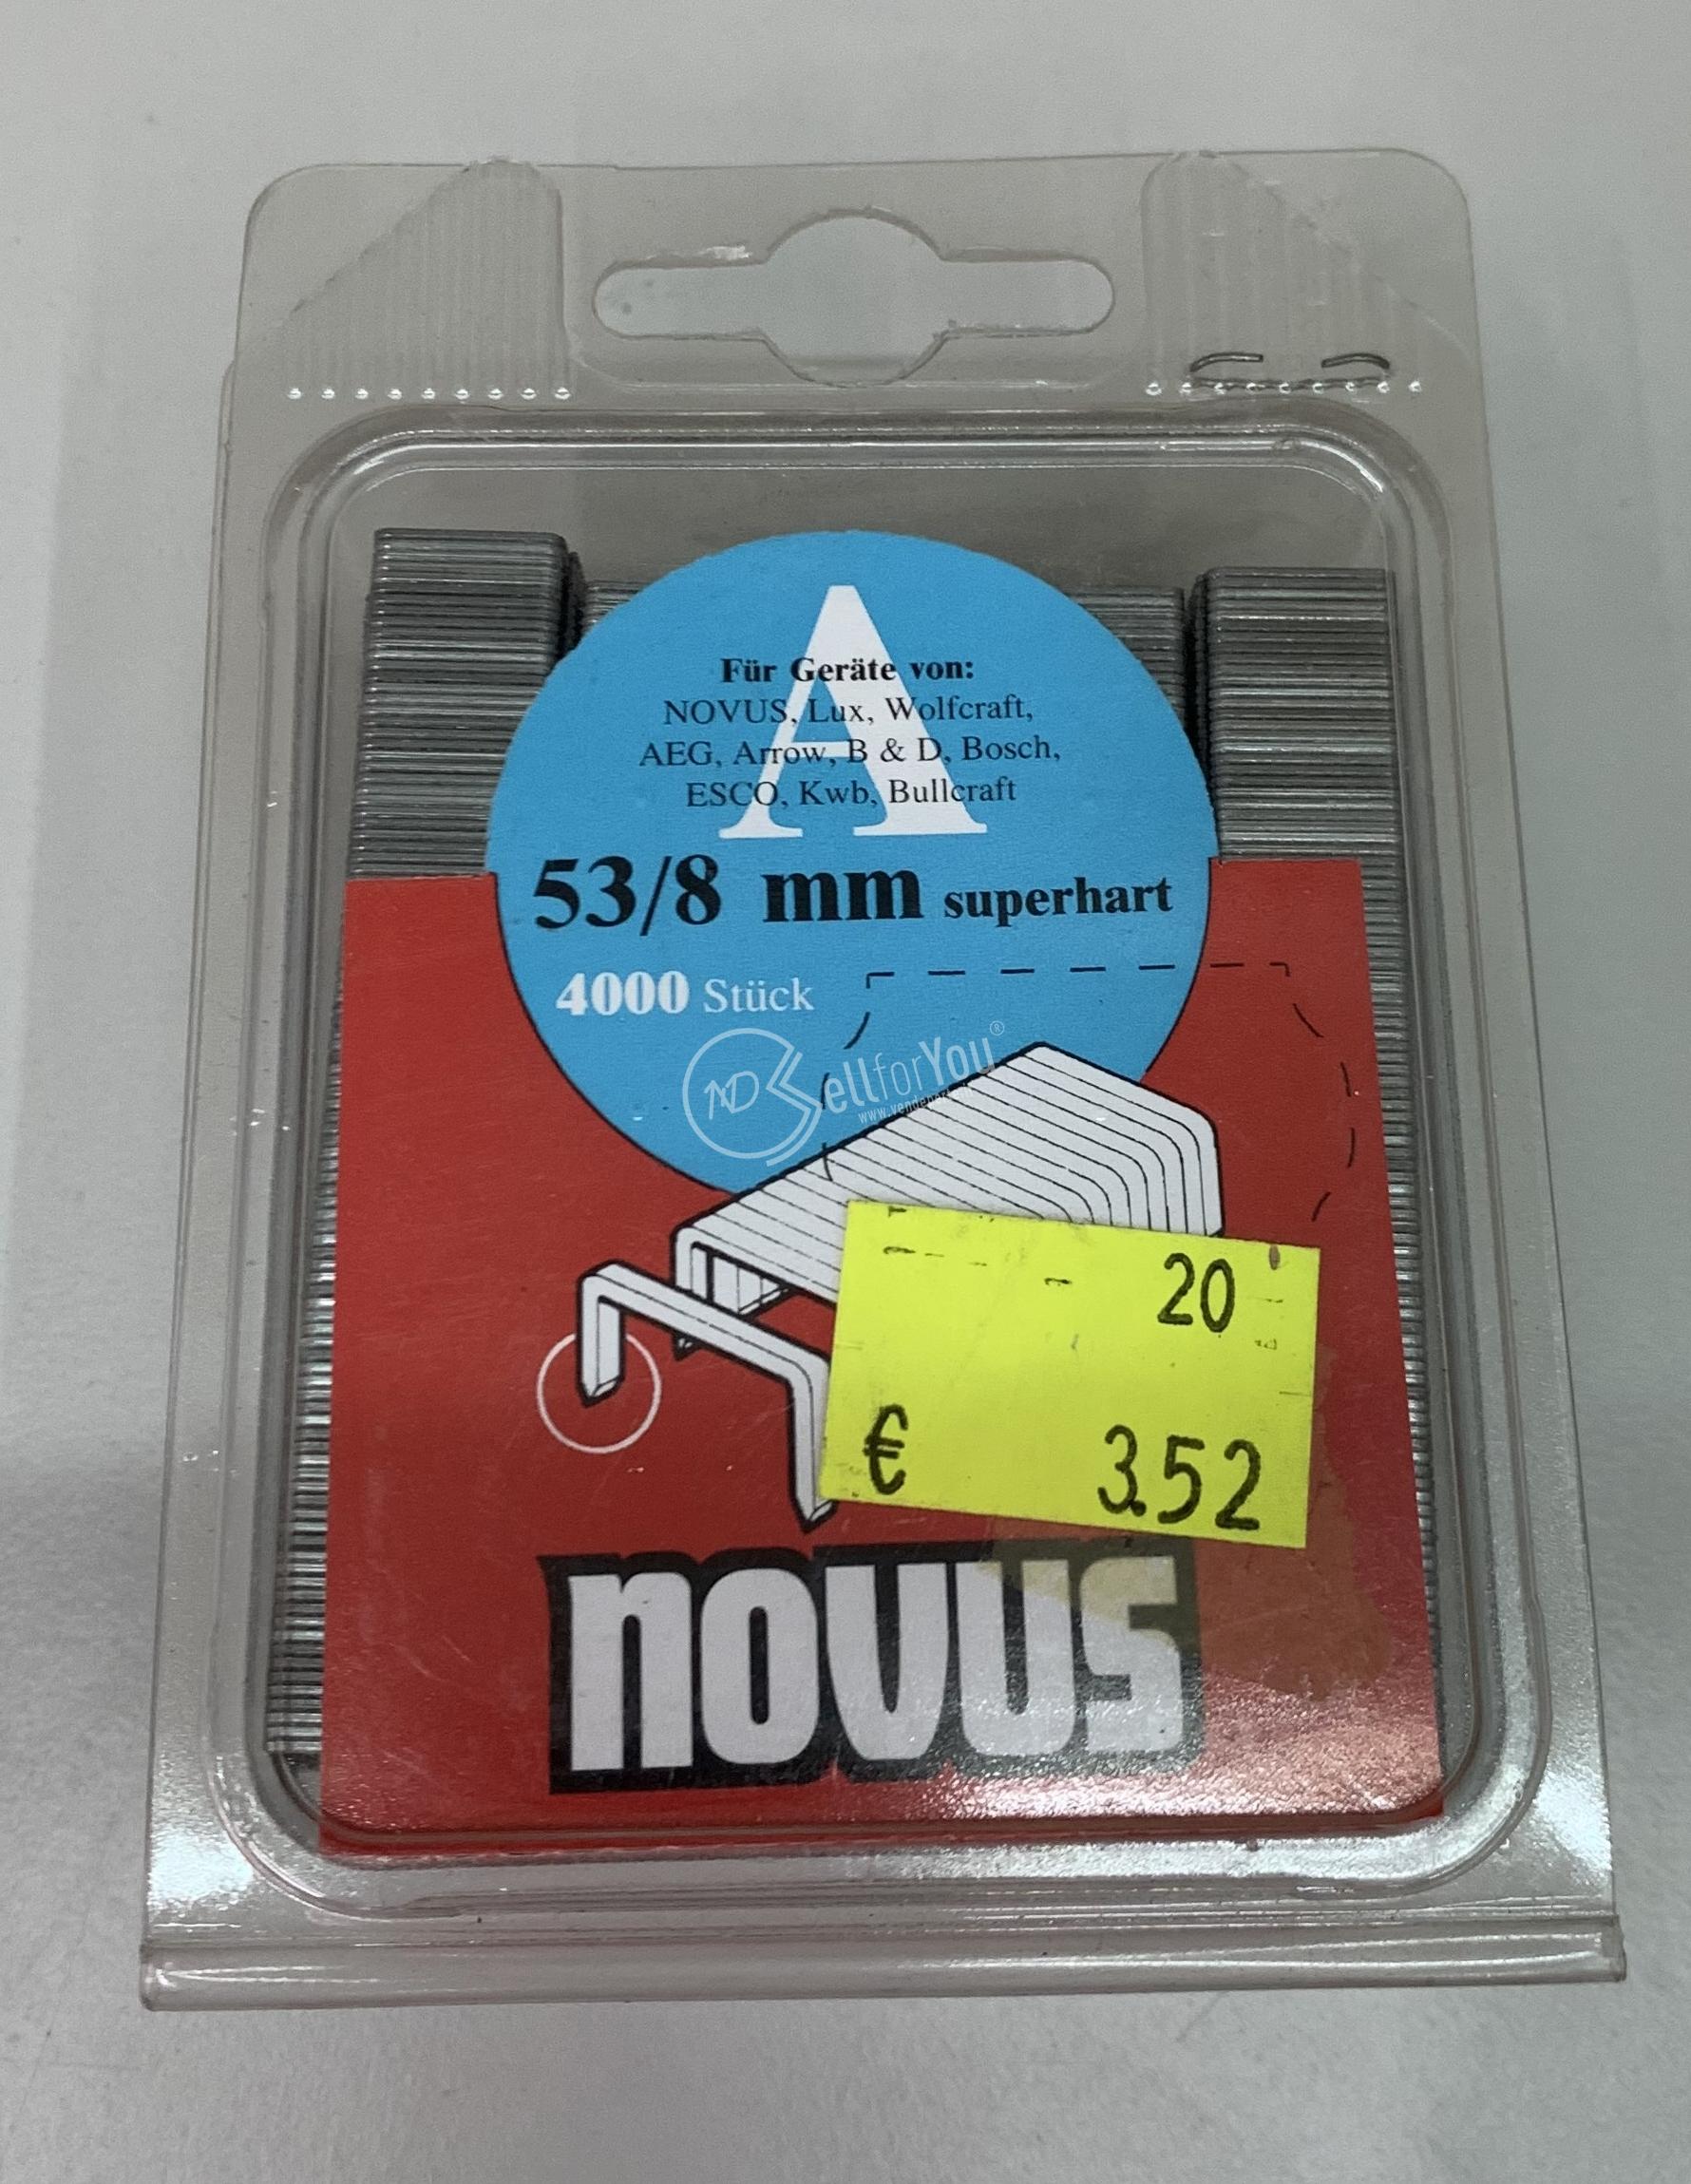 sellforyou immagine default articolo correlato non trovatoCartucce per pinzatrice 53/8 mm pz. 4000 Novus